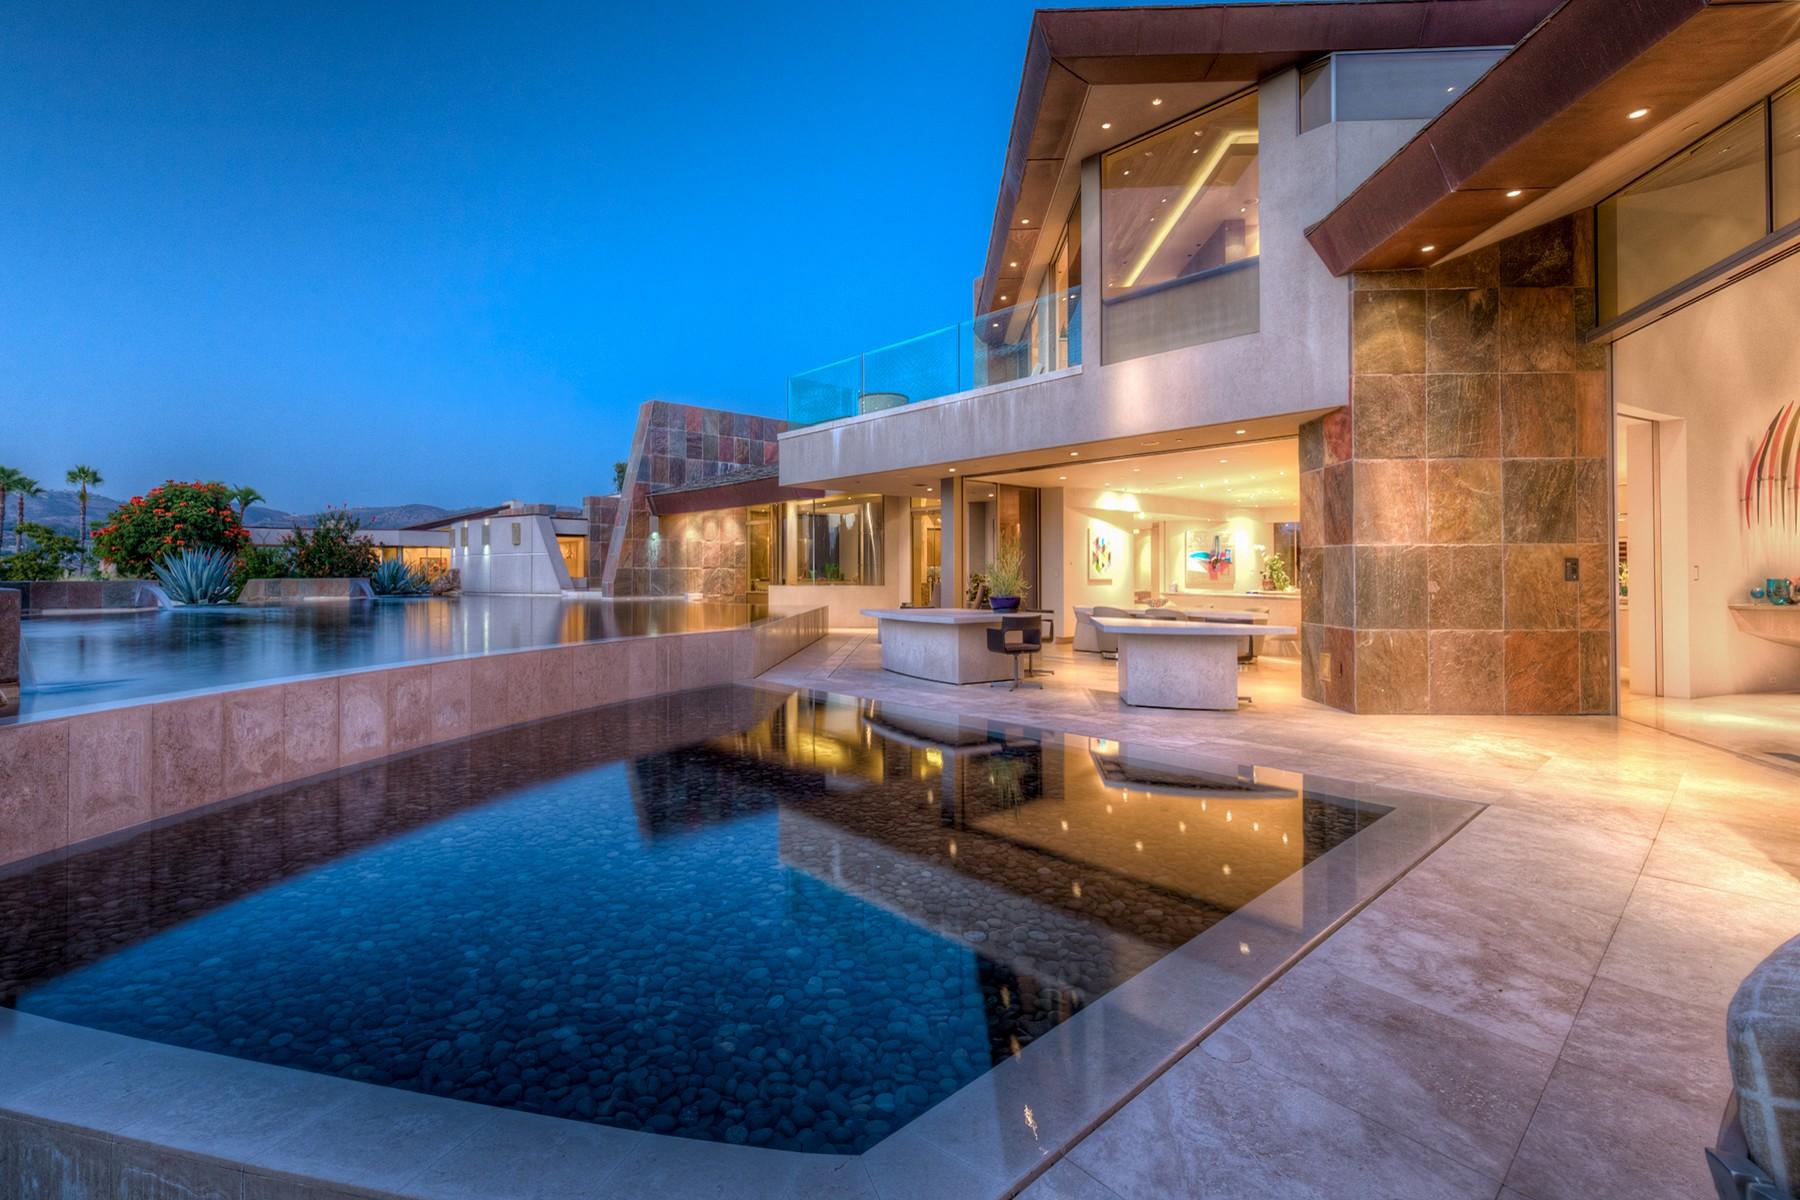 一戸建て のために 売買 アット 17111 El Vuelo Rancho Santa Fe, カリフォルニア, 92067 アメリカ合衆国